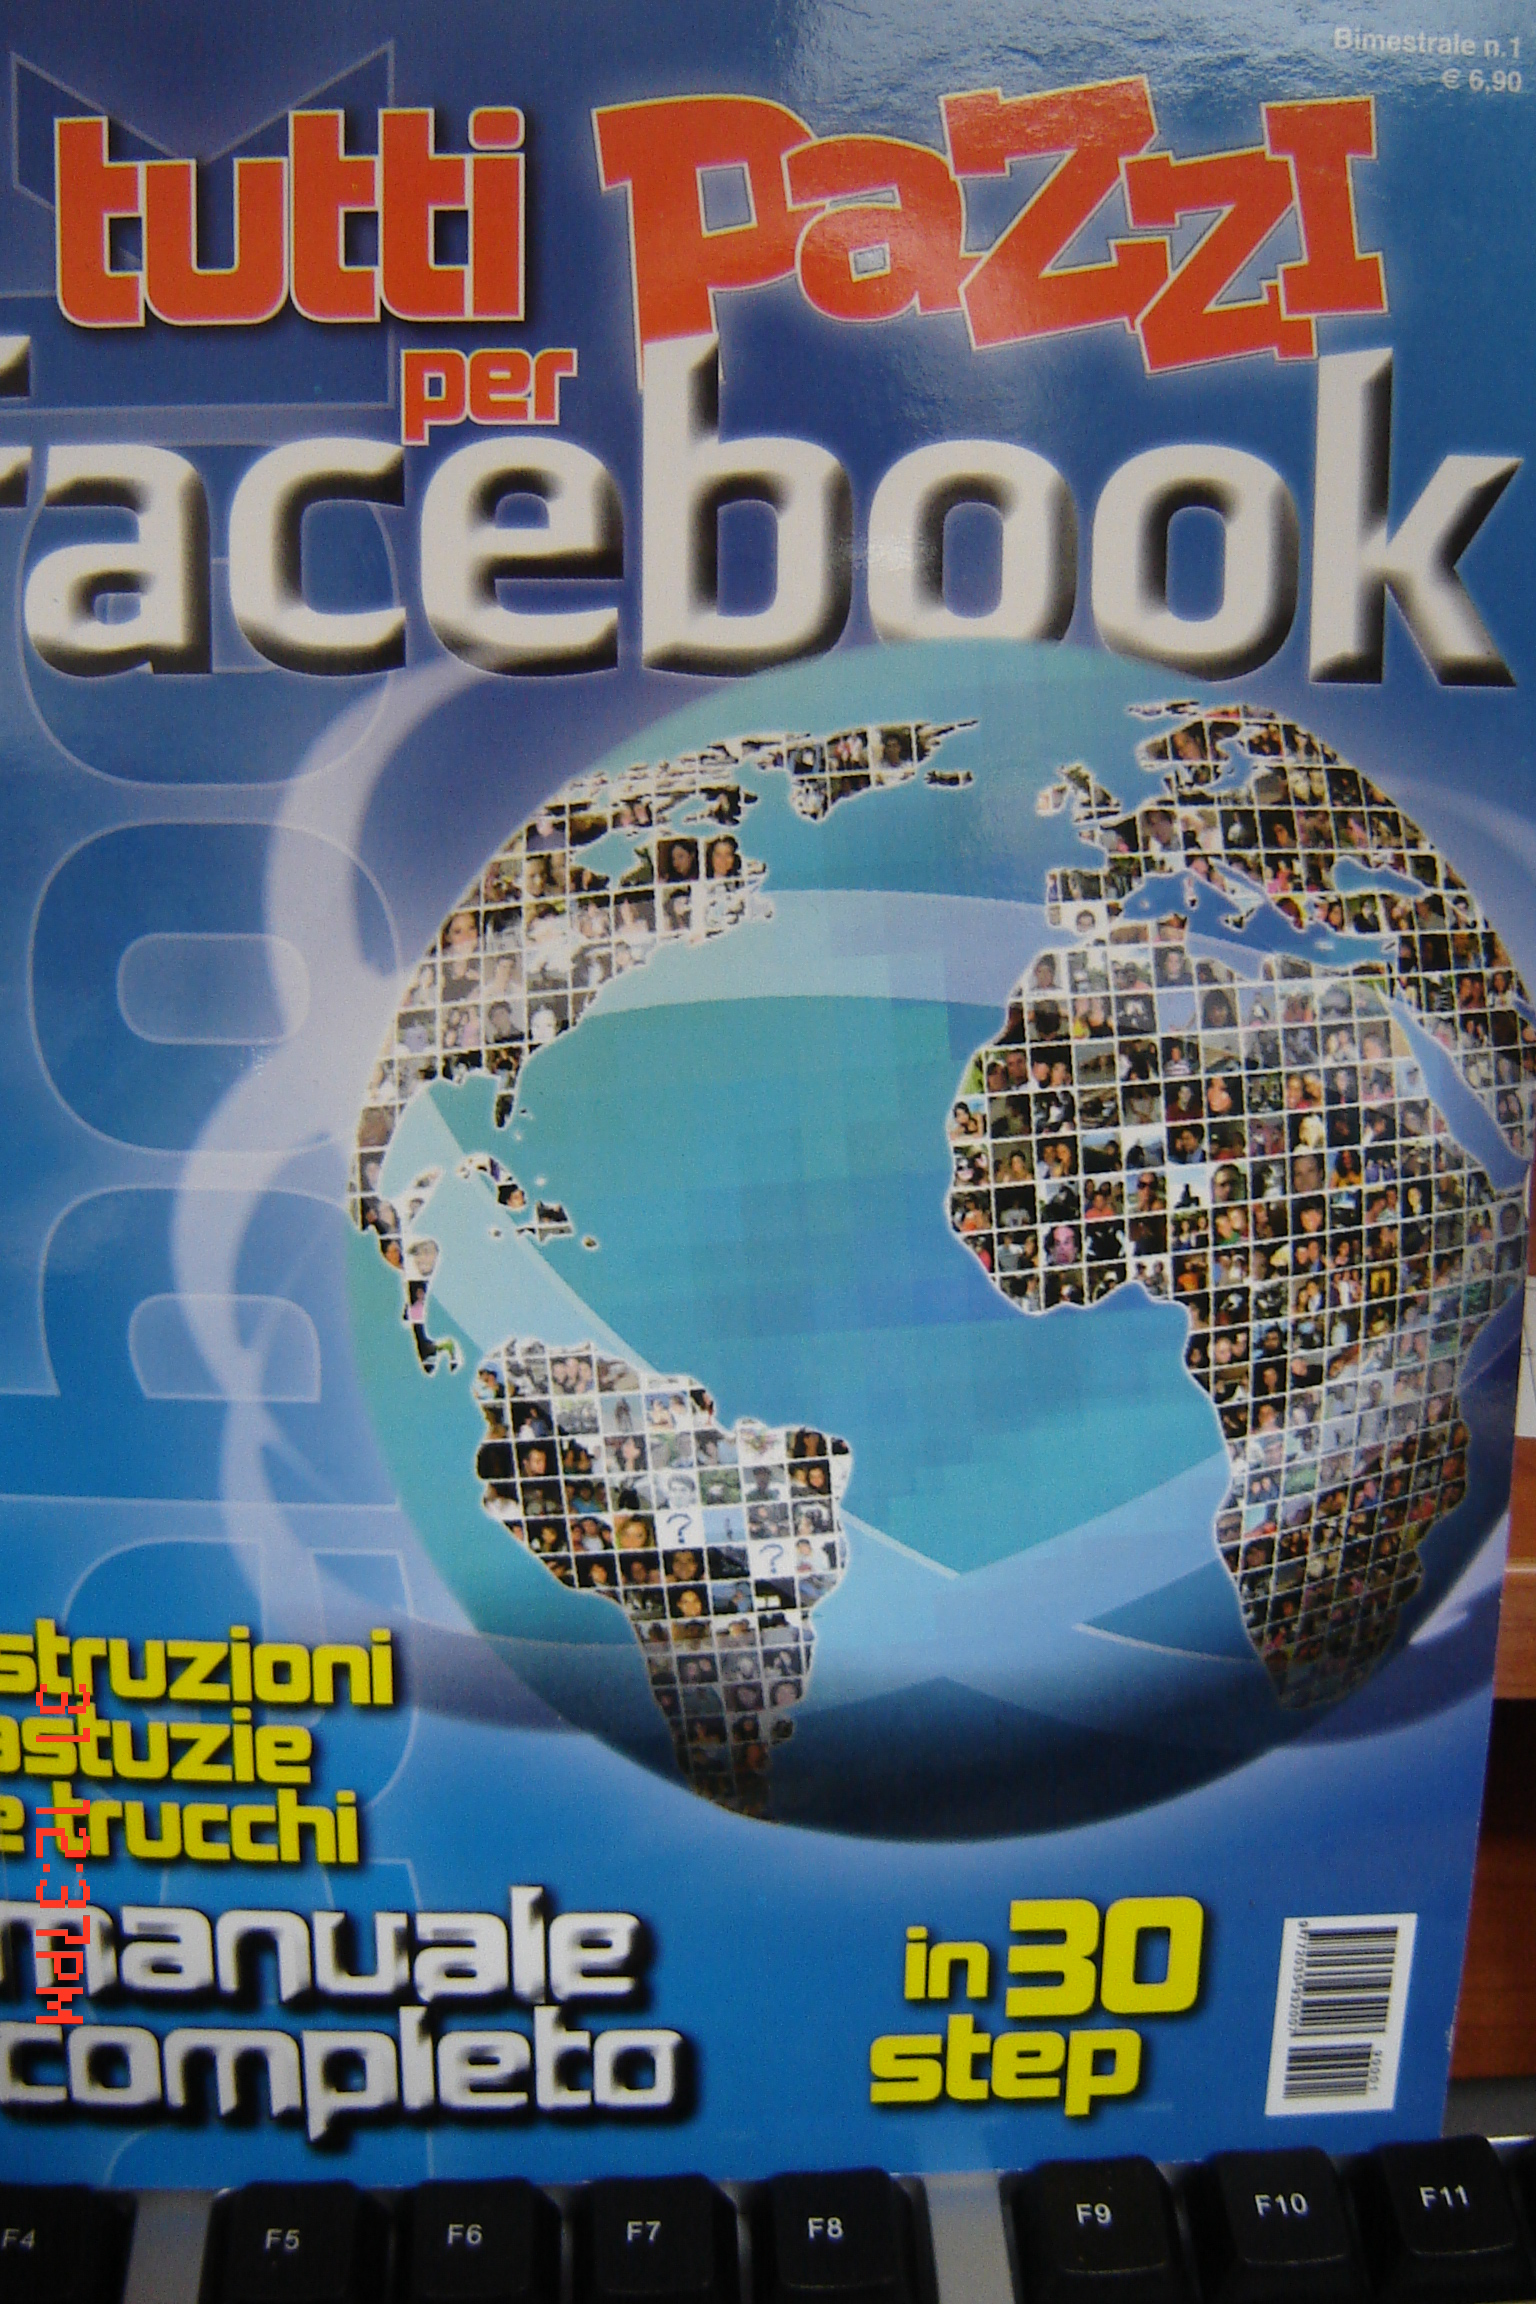 Tutti pazzi per facebook